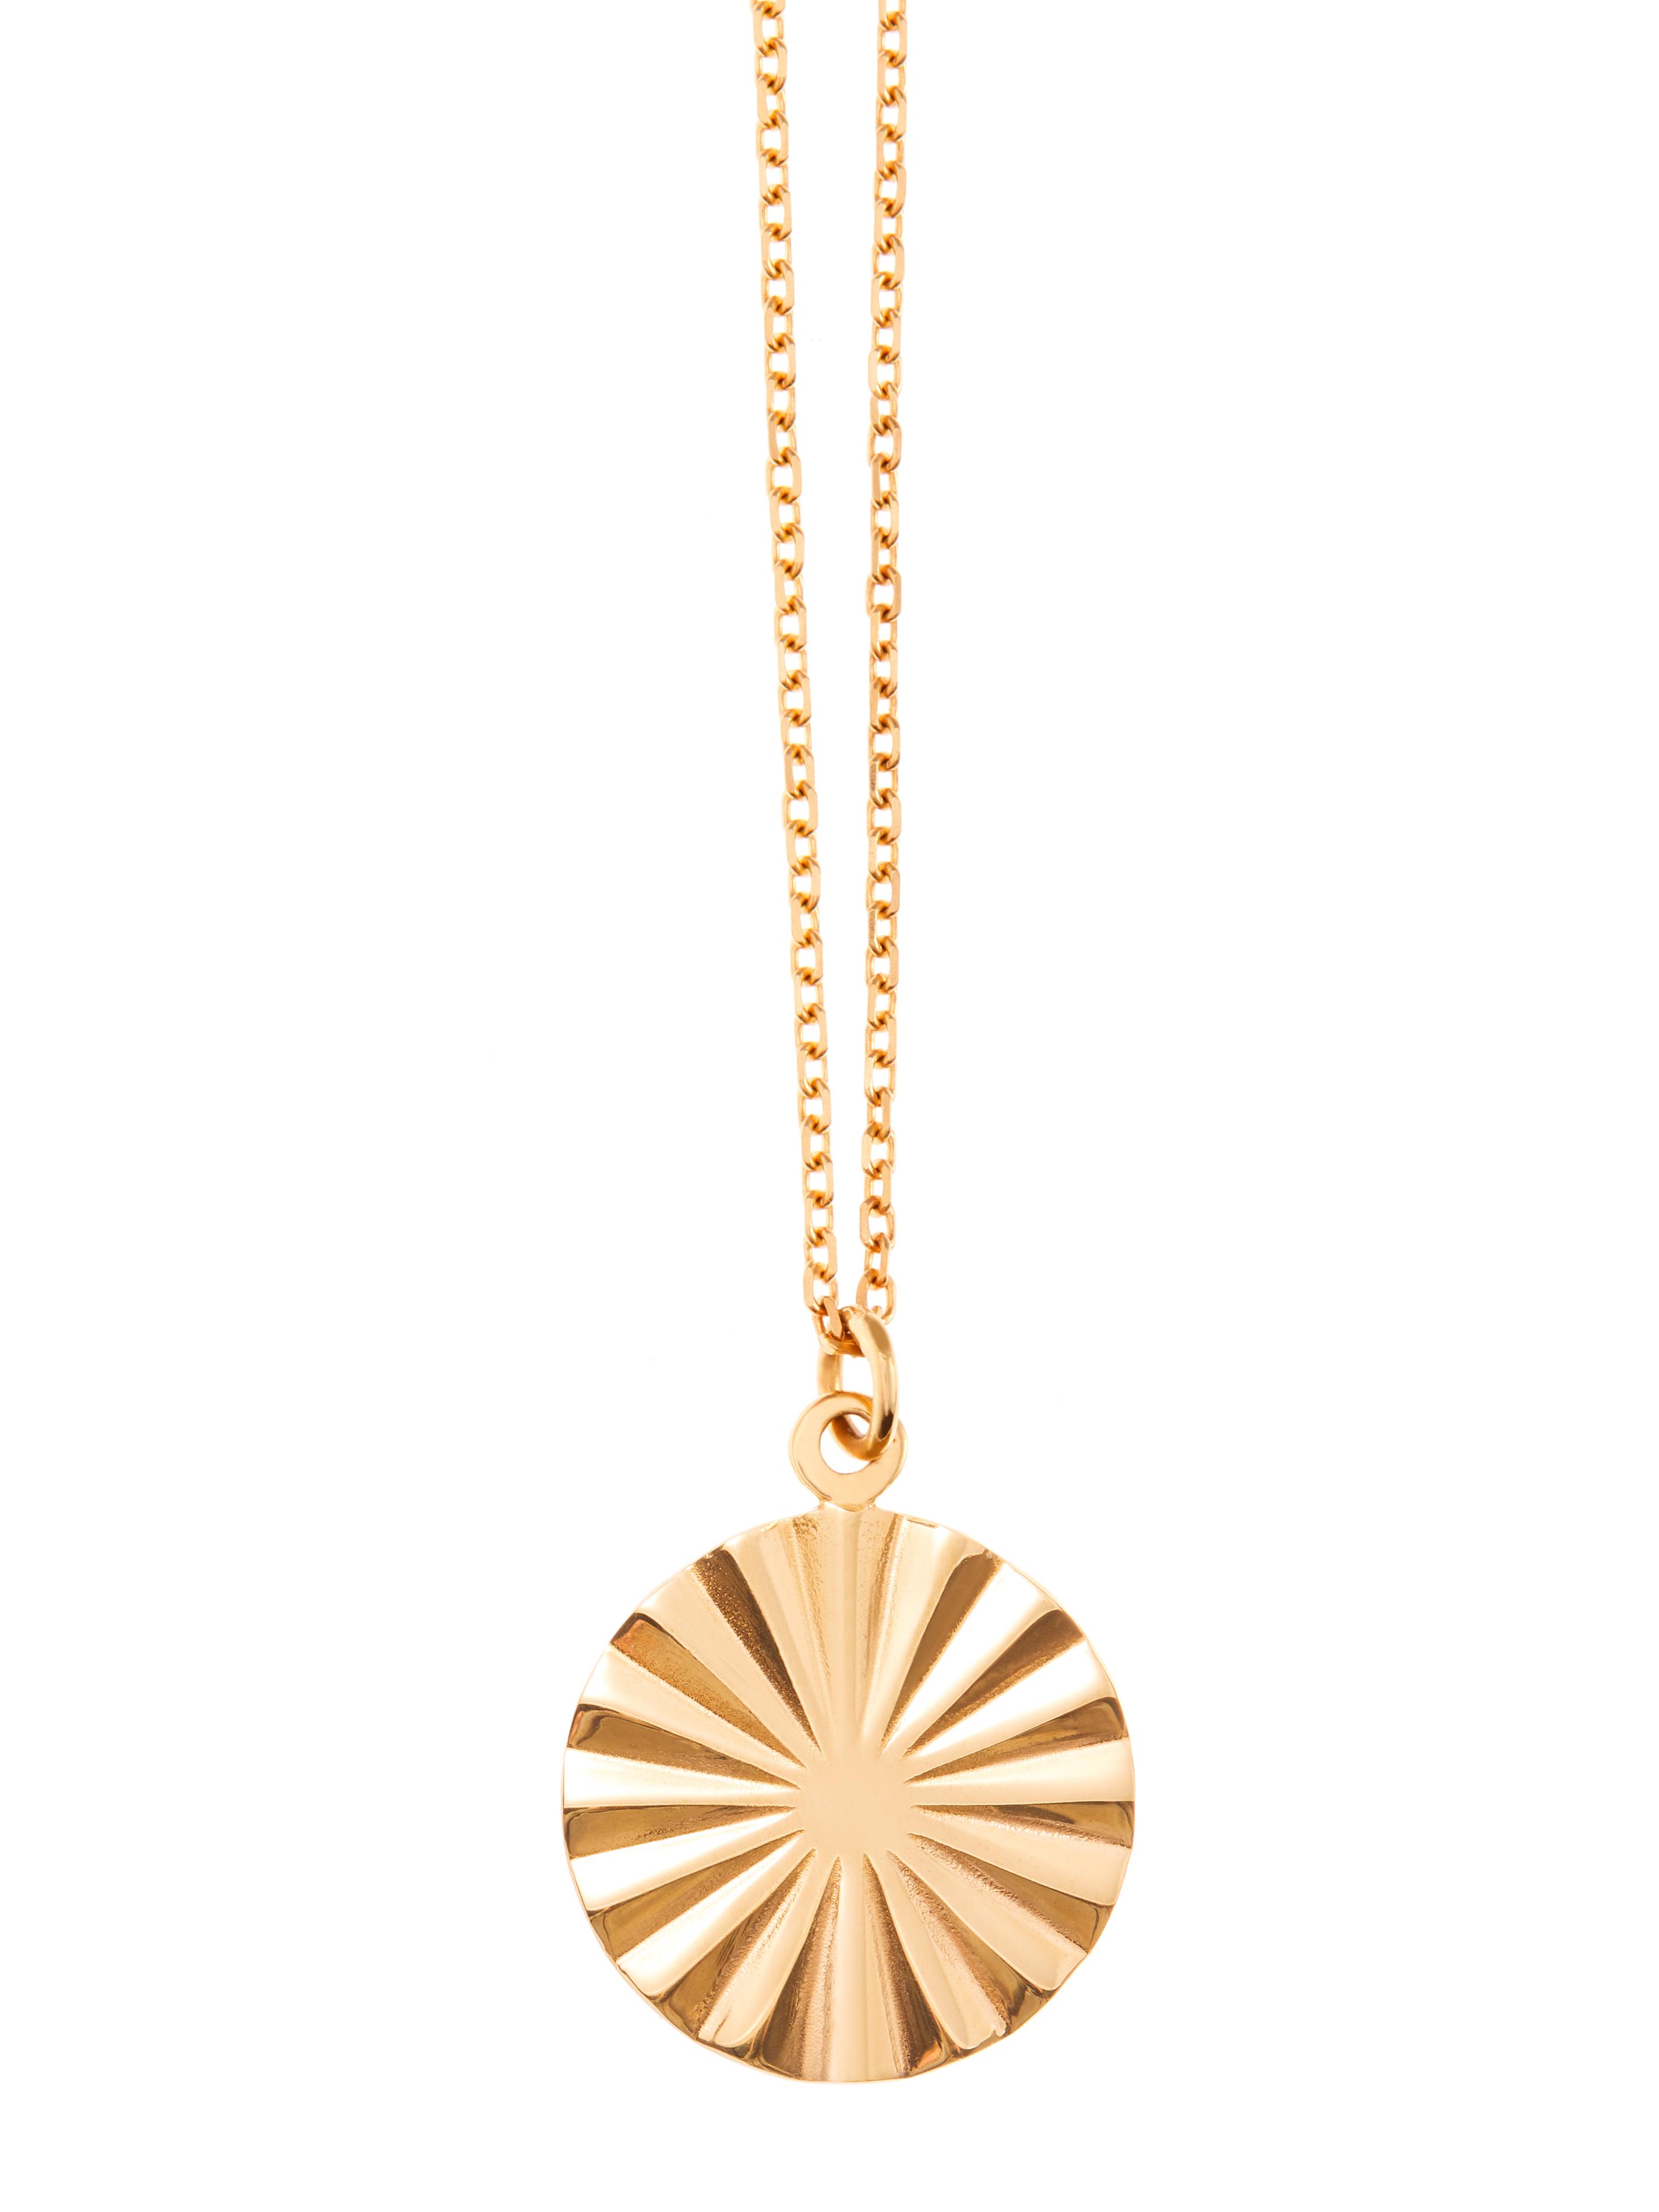 Łańcuszek z geometryczną zawieszką naszyjnik re4 gold złoto minimalistyczna biżuteria moie